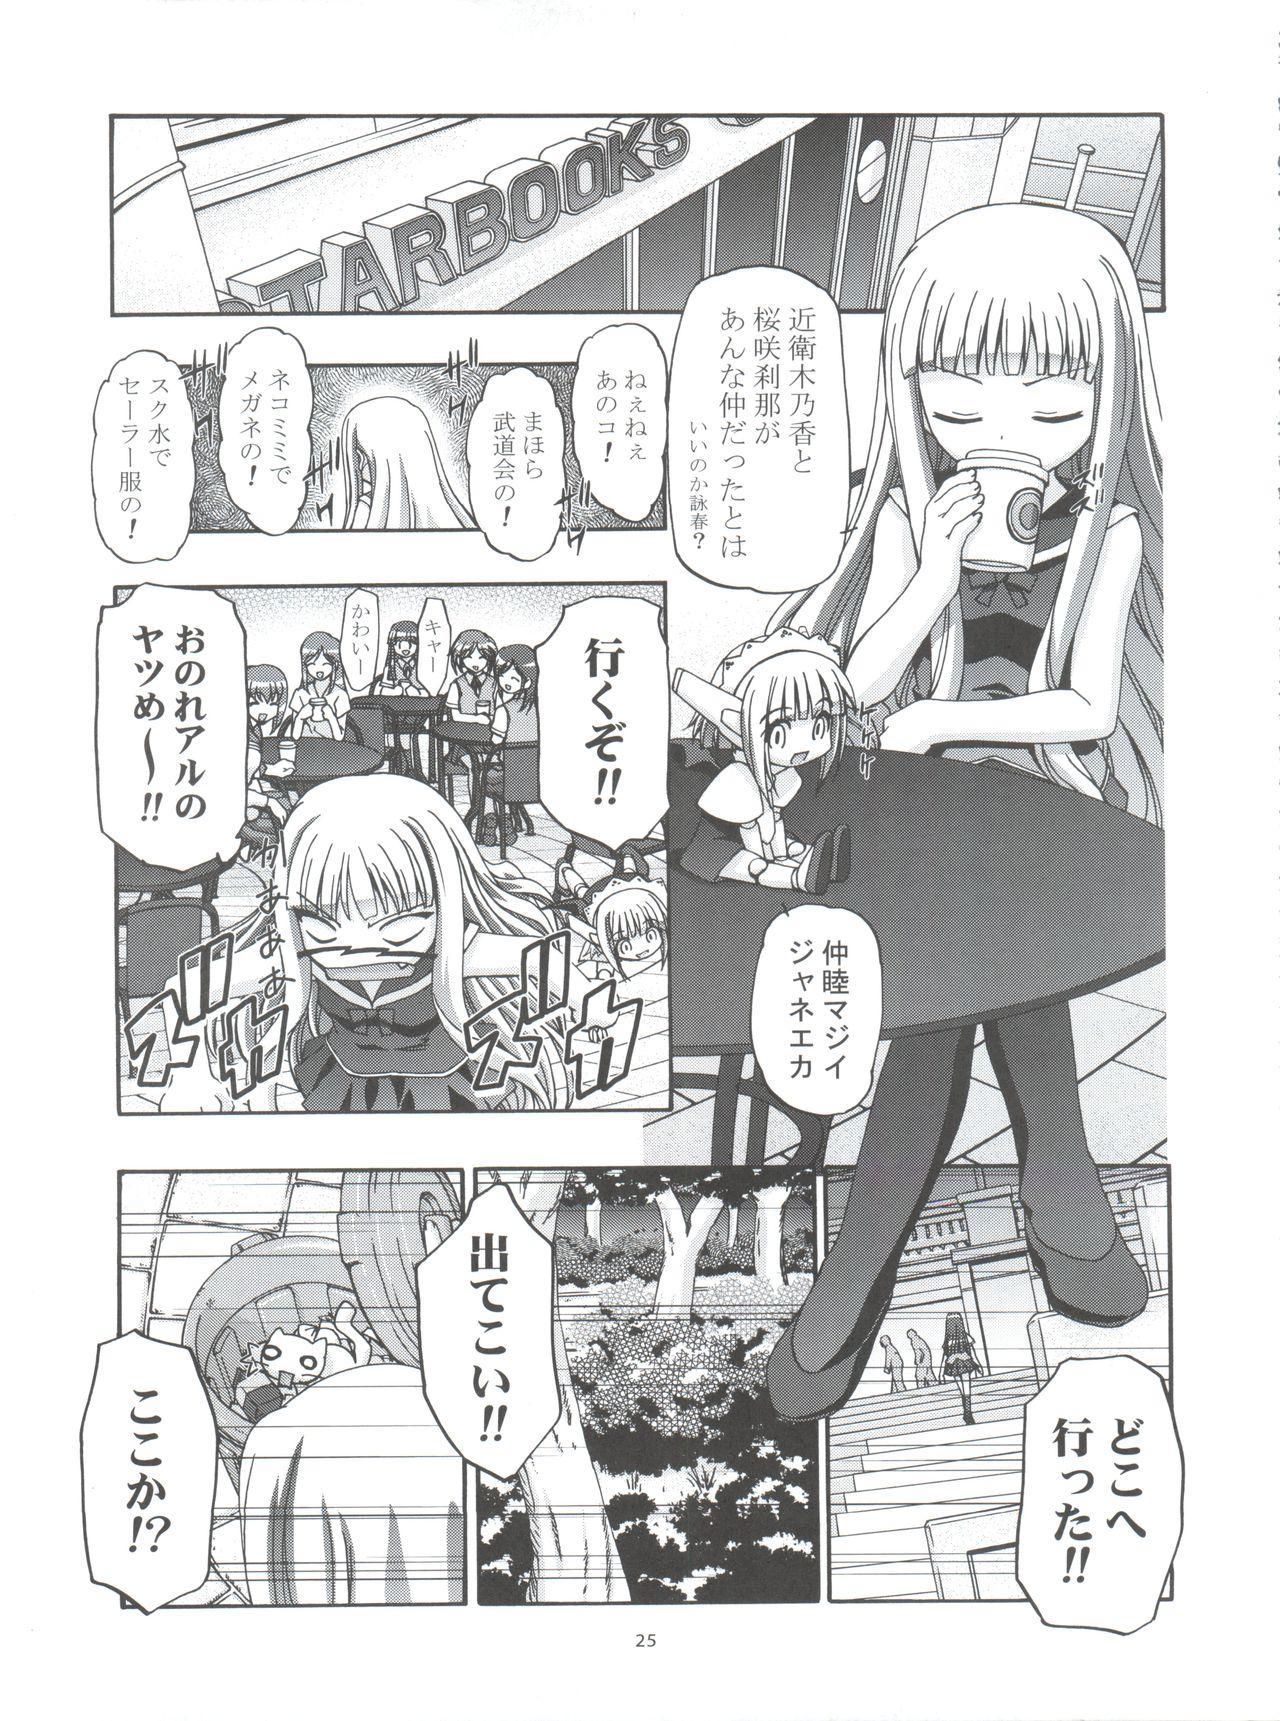 Mahora Gakuen Tyuutoubu 3-A Soushuuhen Vol. 1 24